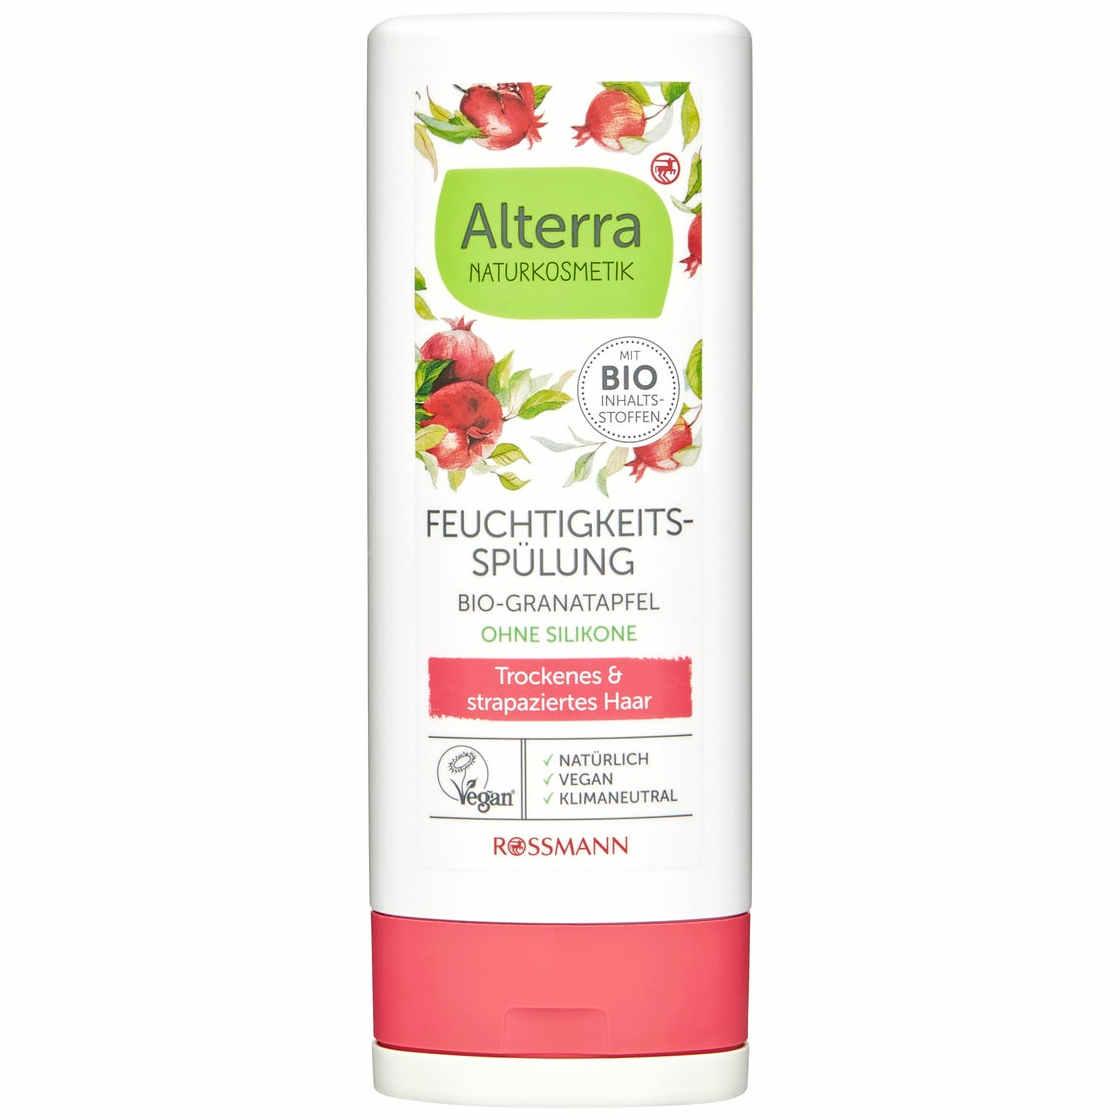 Alterra Feuchtigkeitsspülung Bio-Granatapfel & Bio-Aloe Vera (Rossmann)